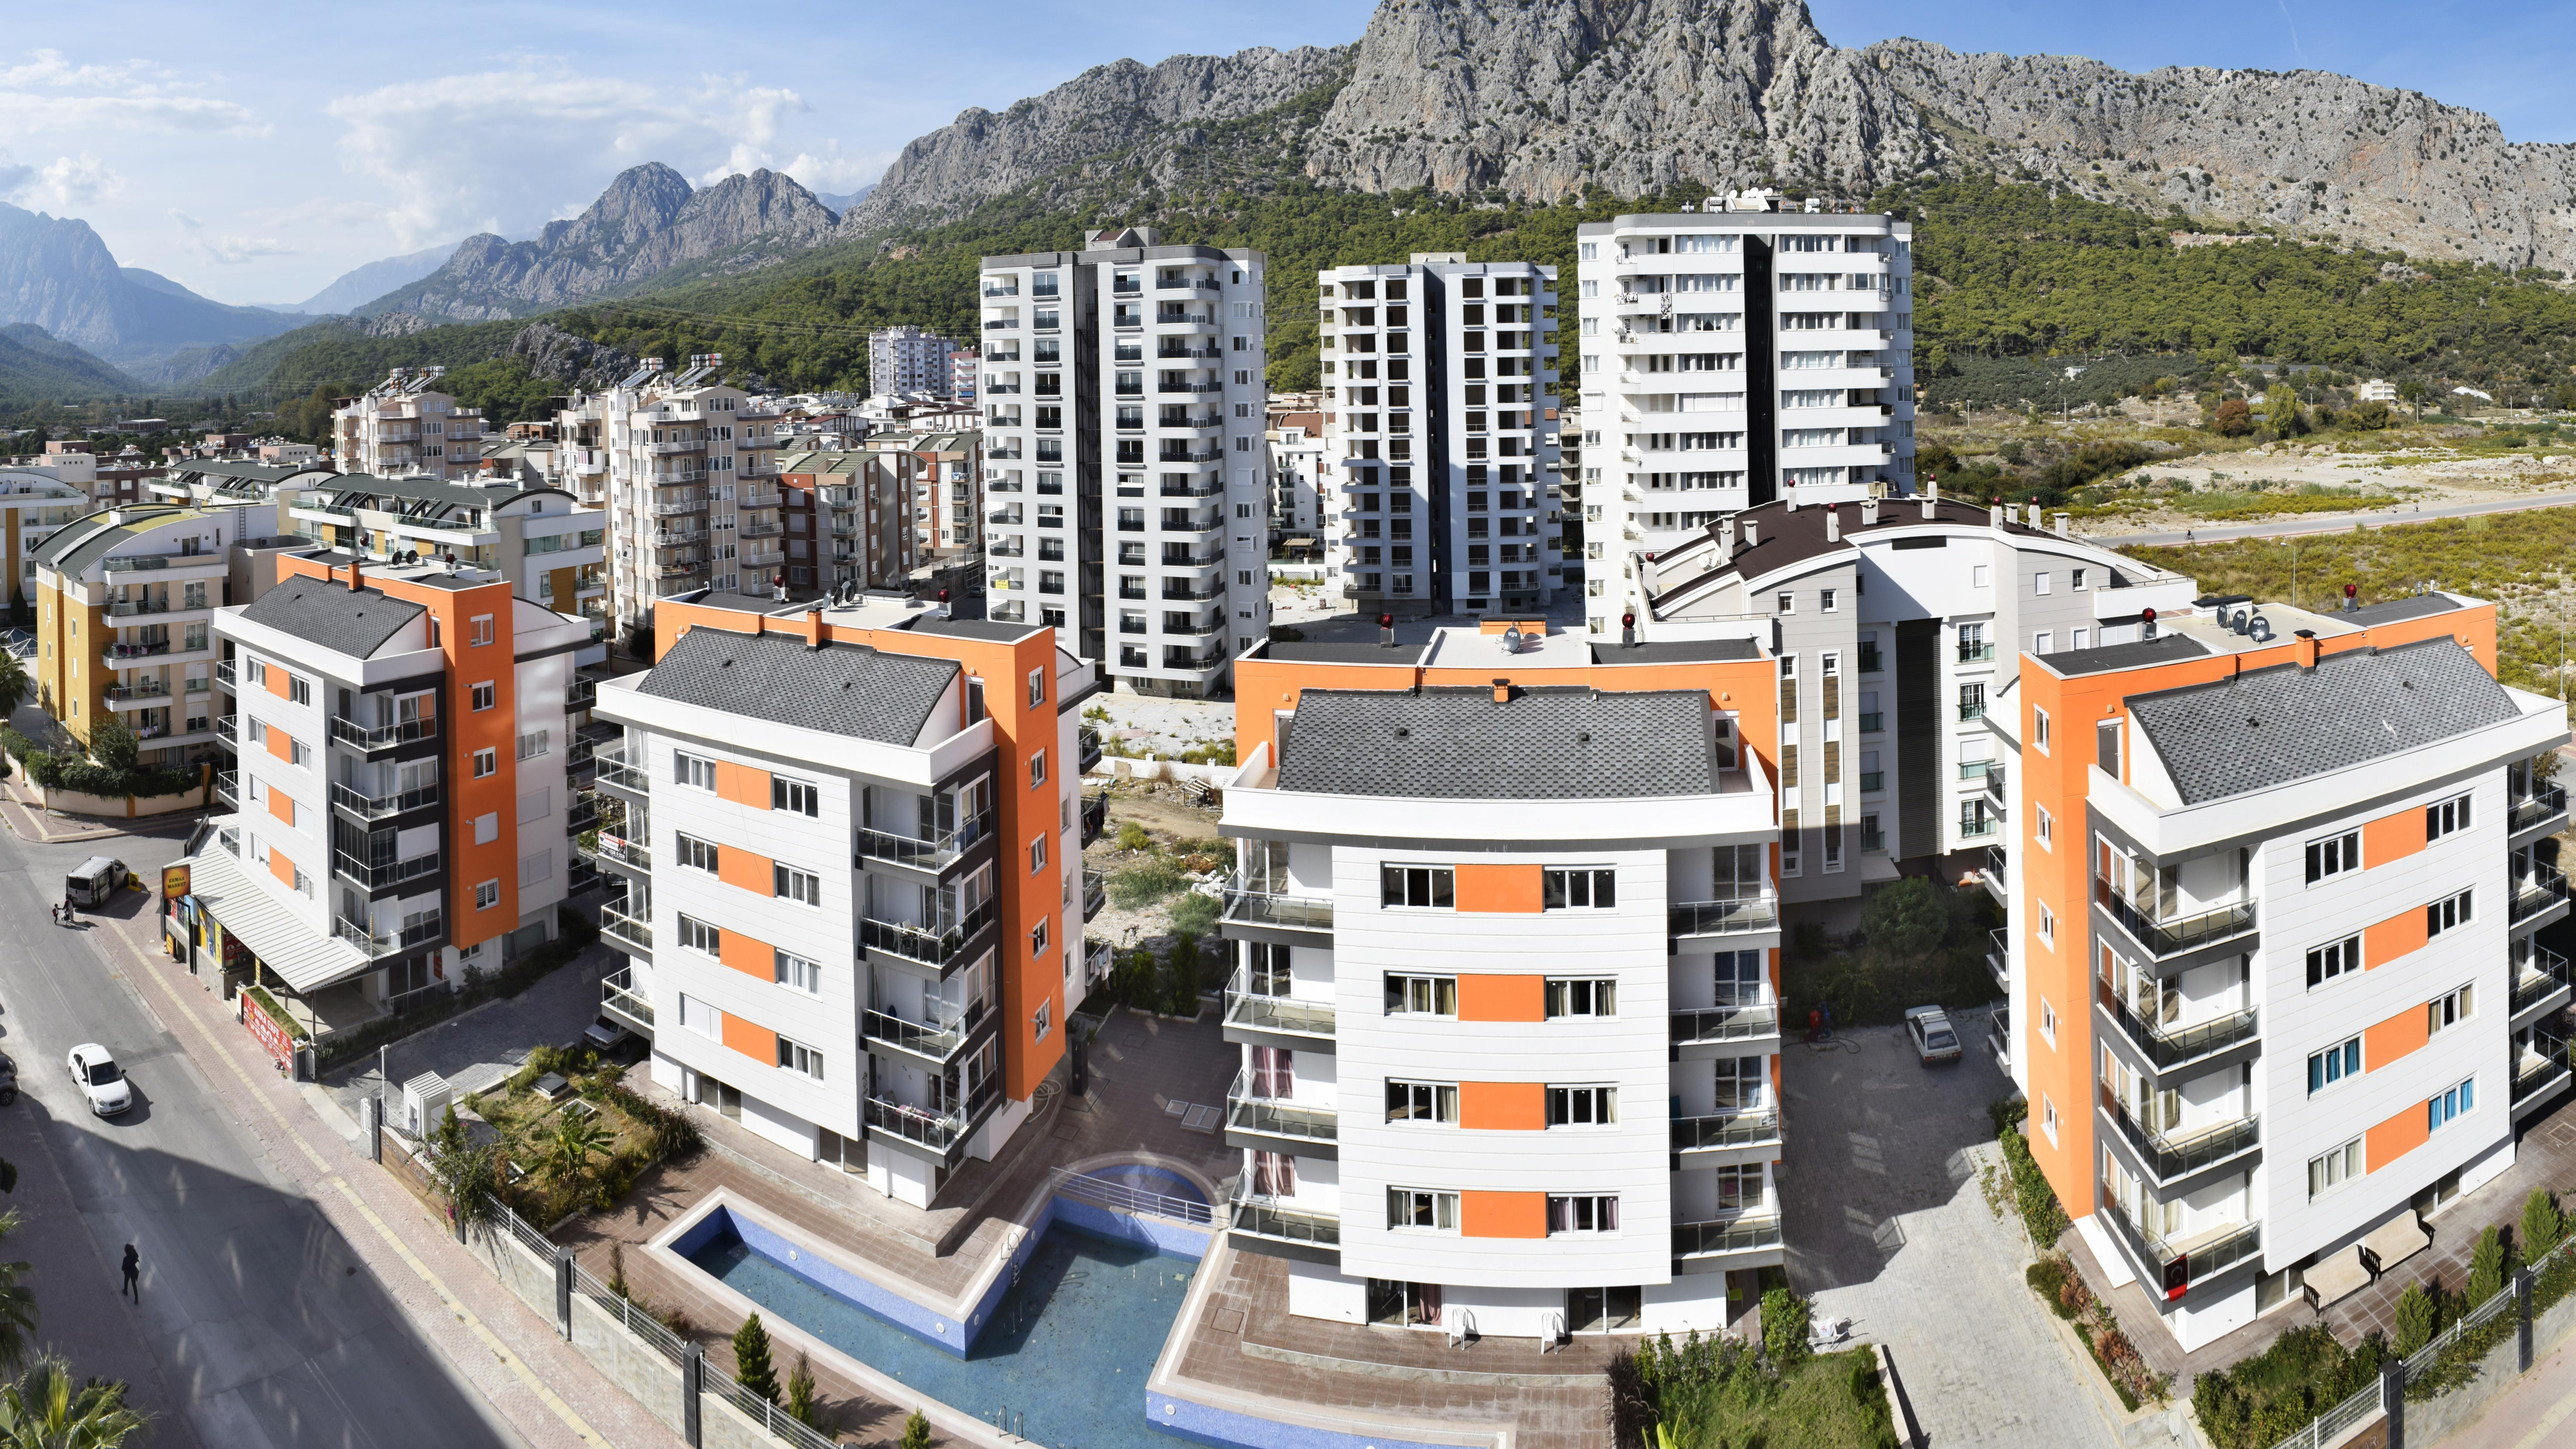 Ferienwohnung Gerumige 2 Schlafzimmer fr bis zu 5 mit Blick auf die Berge Gratis Wifi (2782158), Çakirlar, , Mittelmeerregion, Türkei, Bild 3